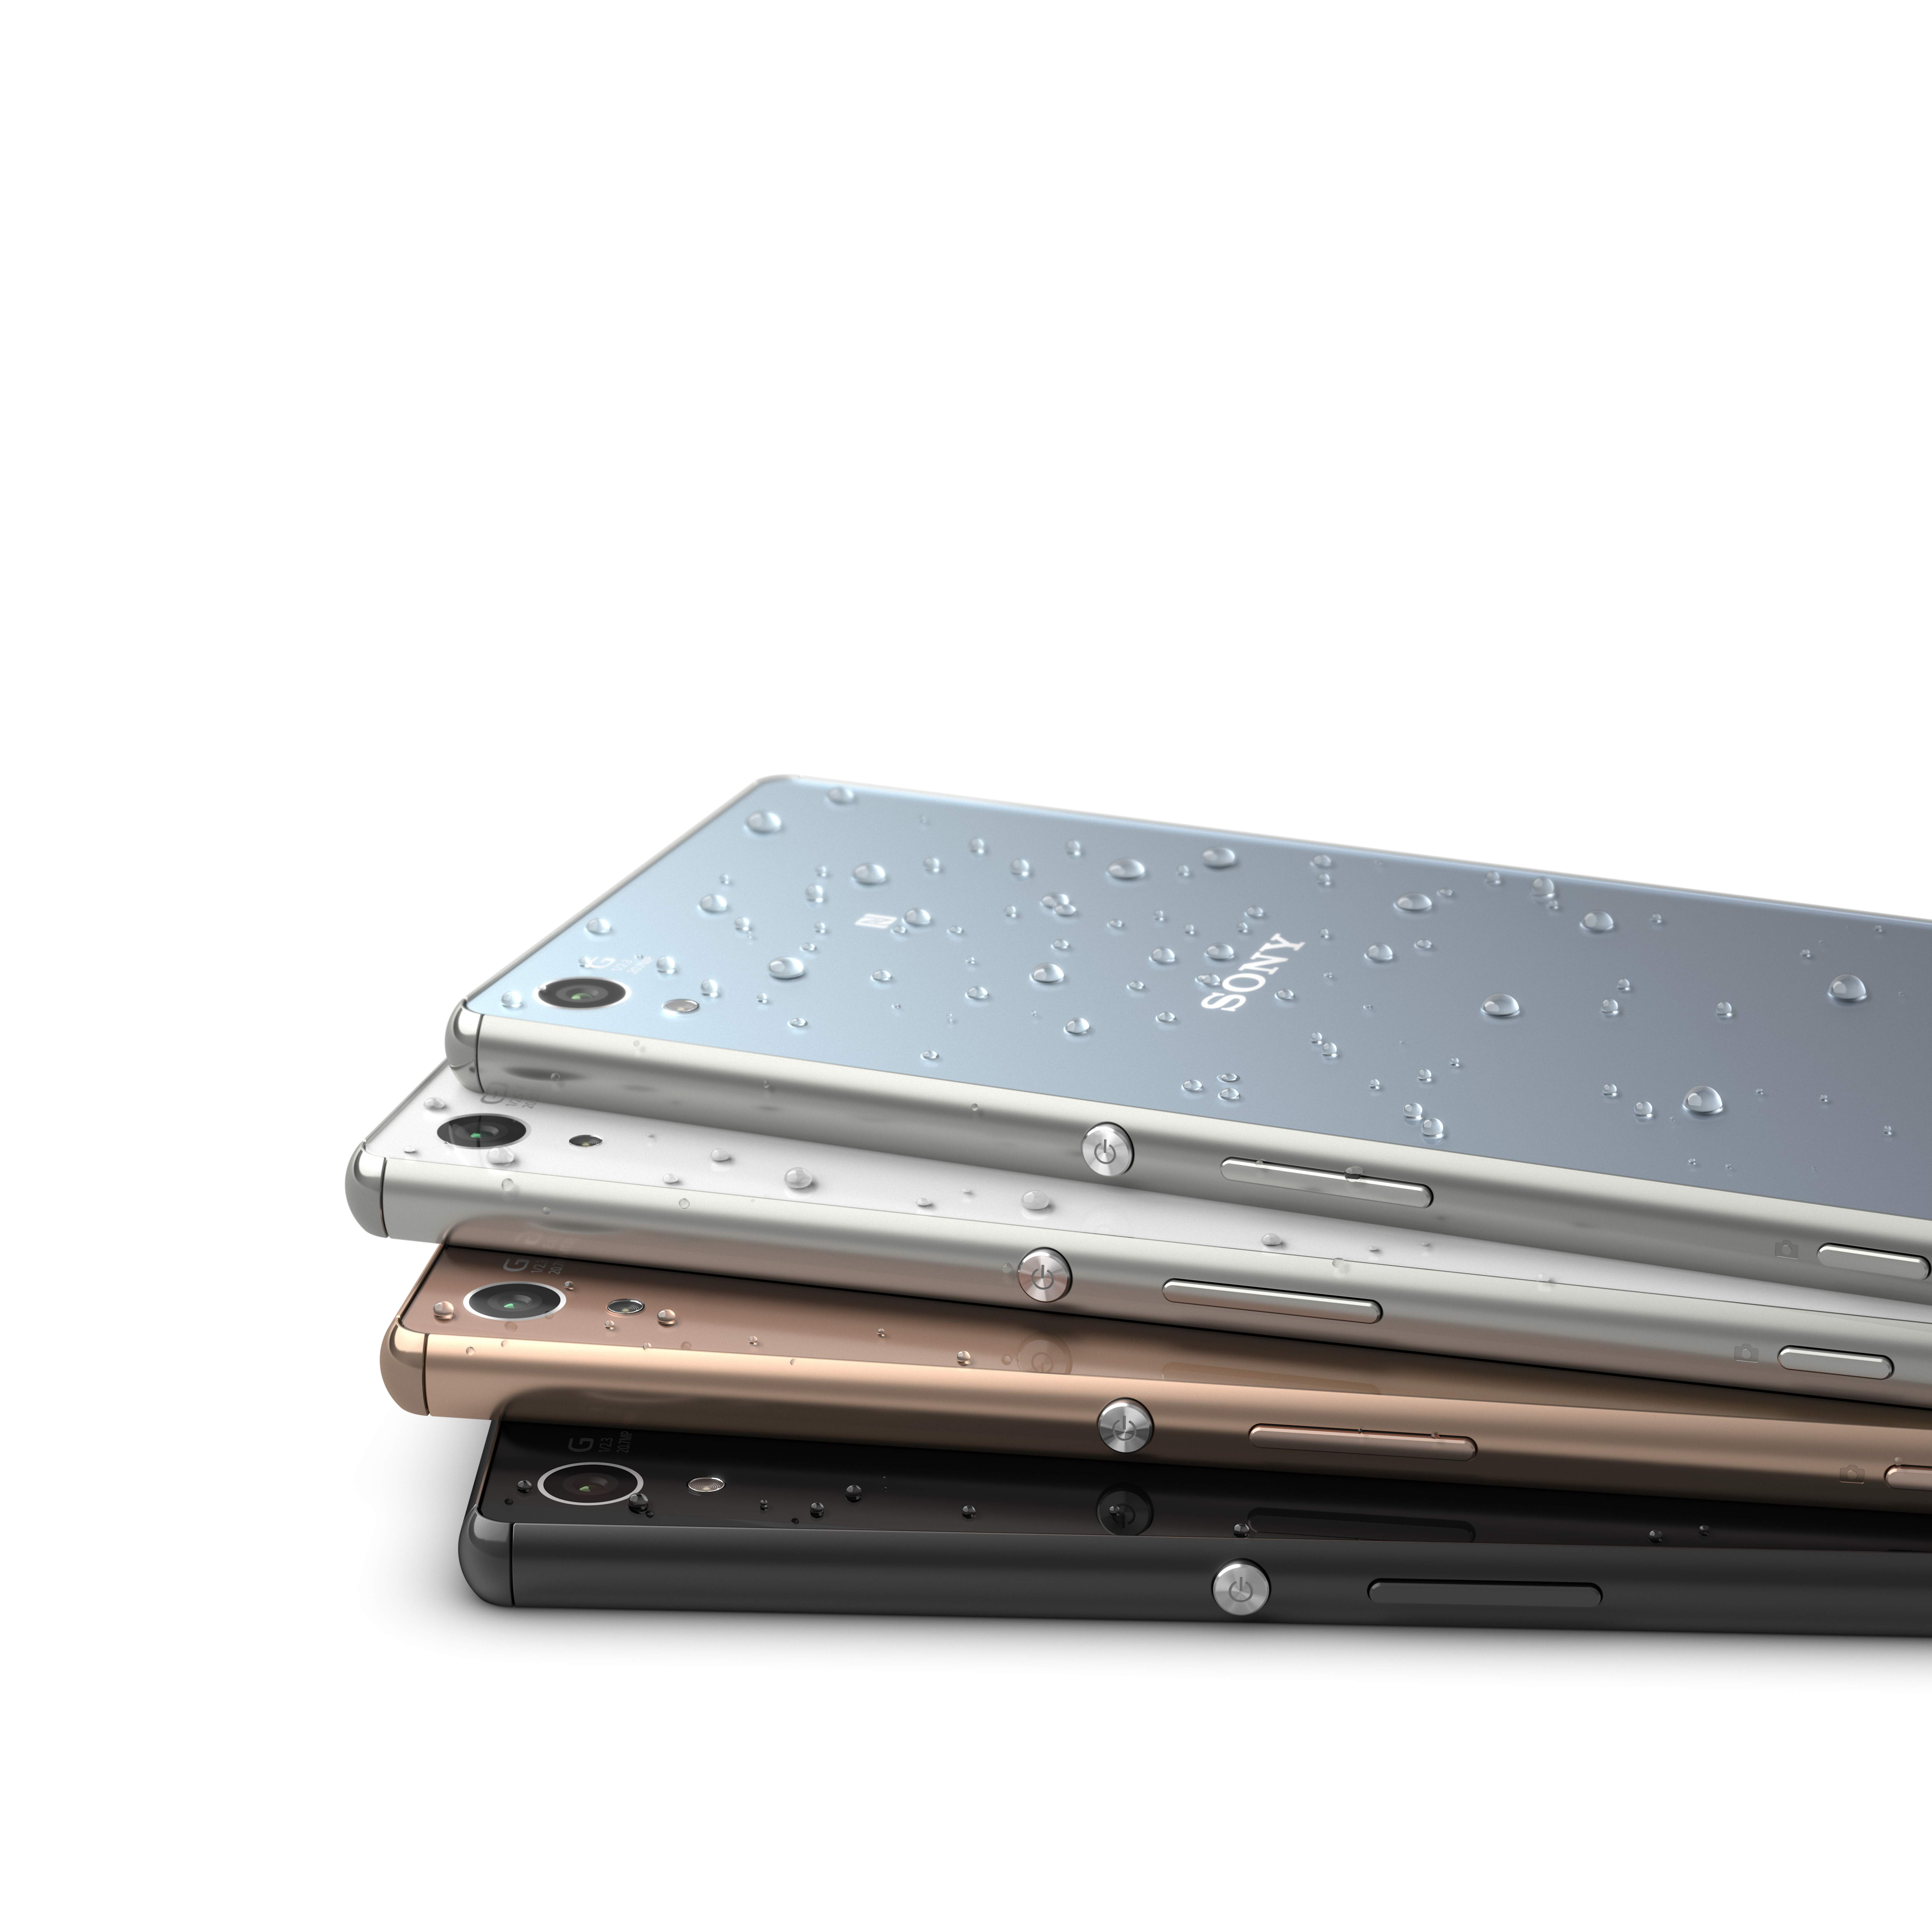 Sony Xperia Z3+